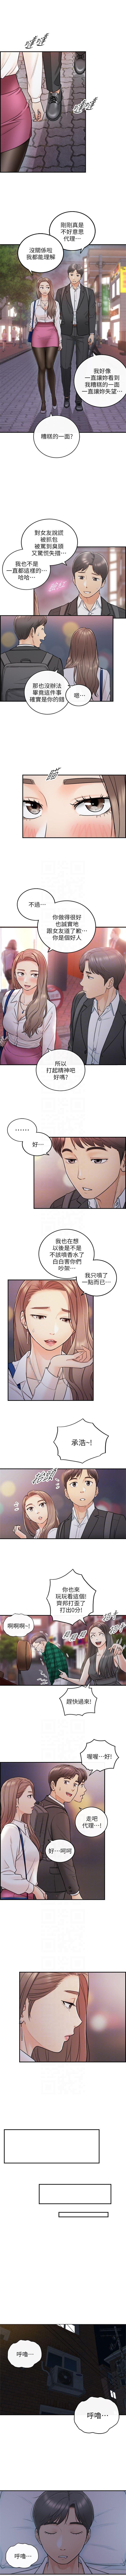 (週5)正妹小主管 1-39 中文翻譯(更新中) 90